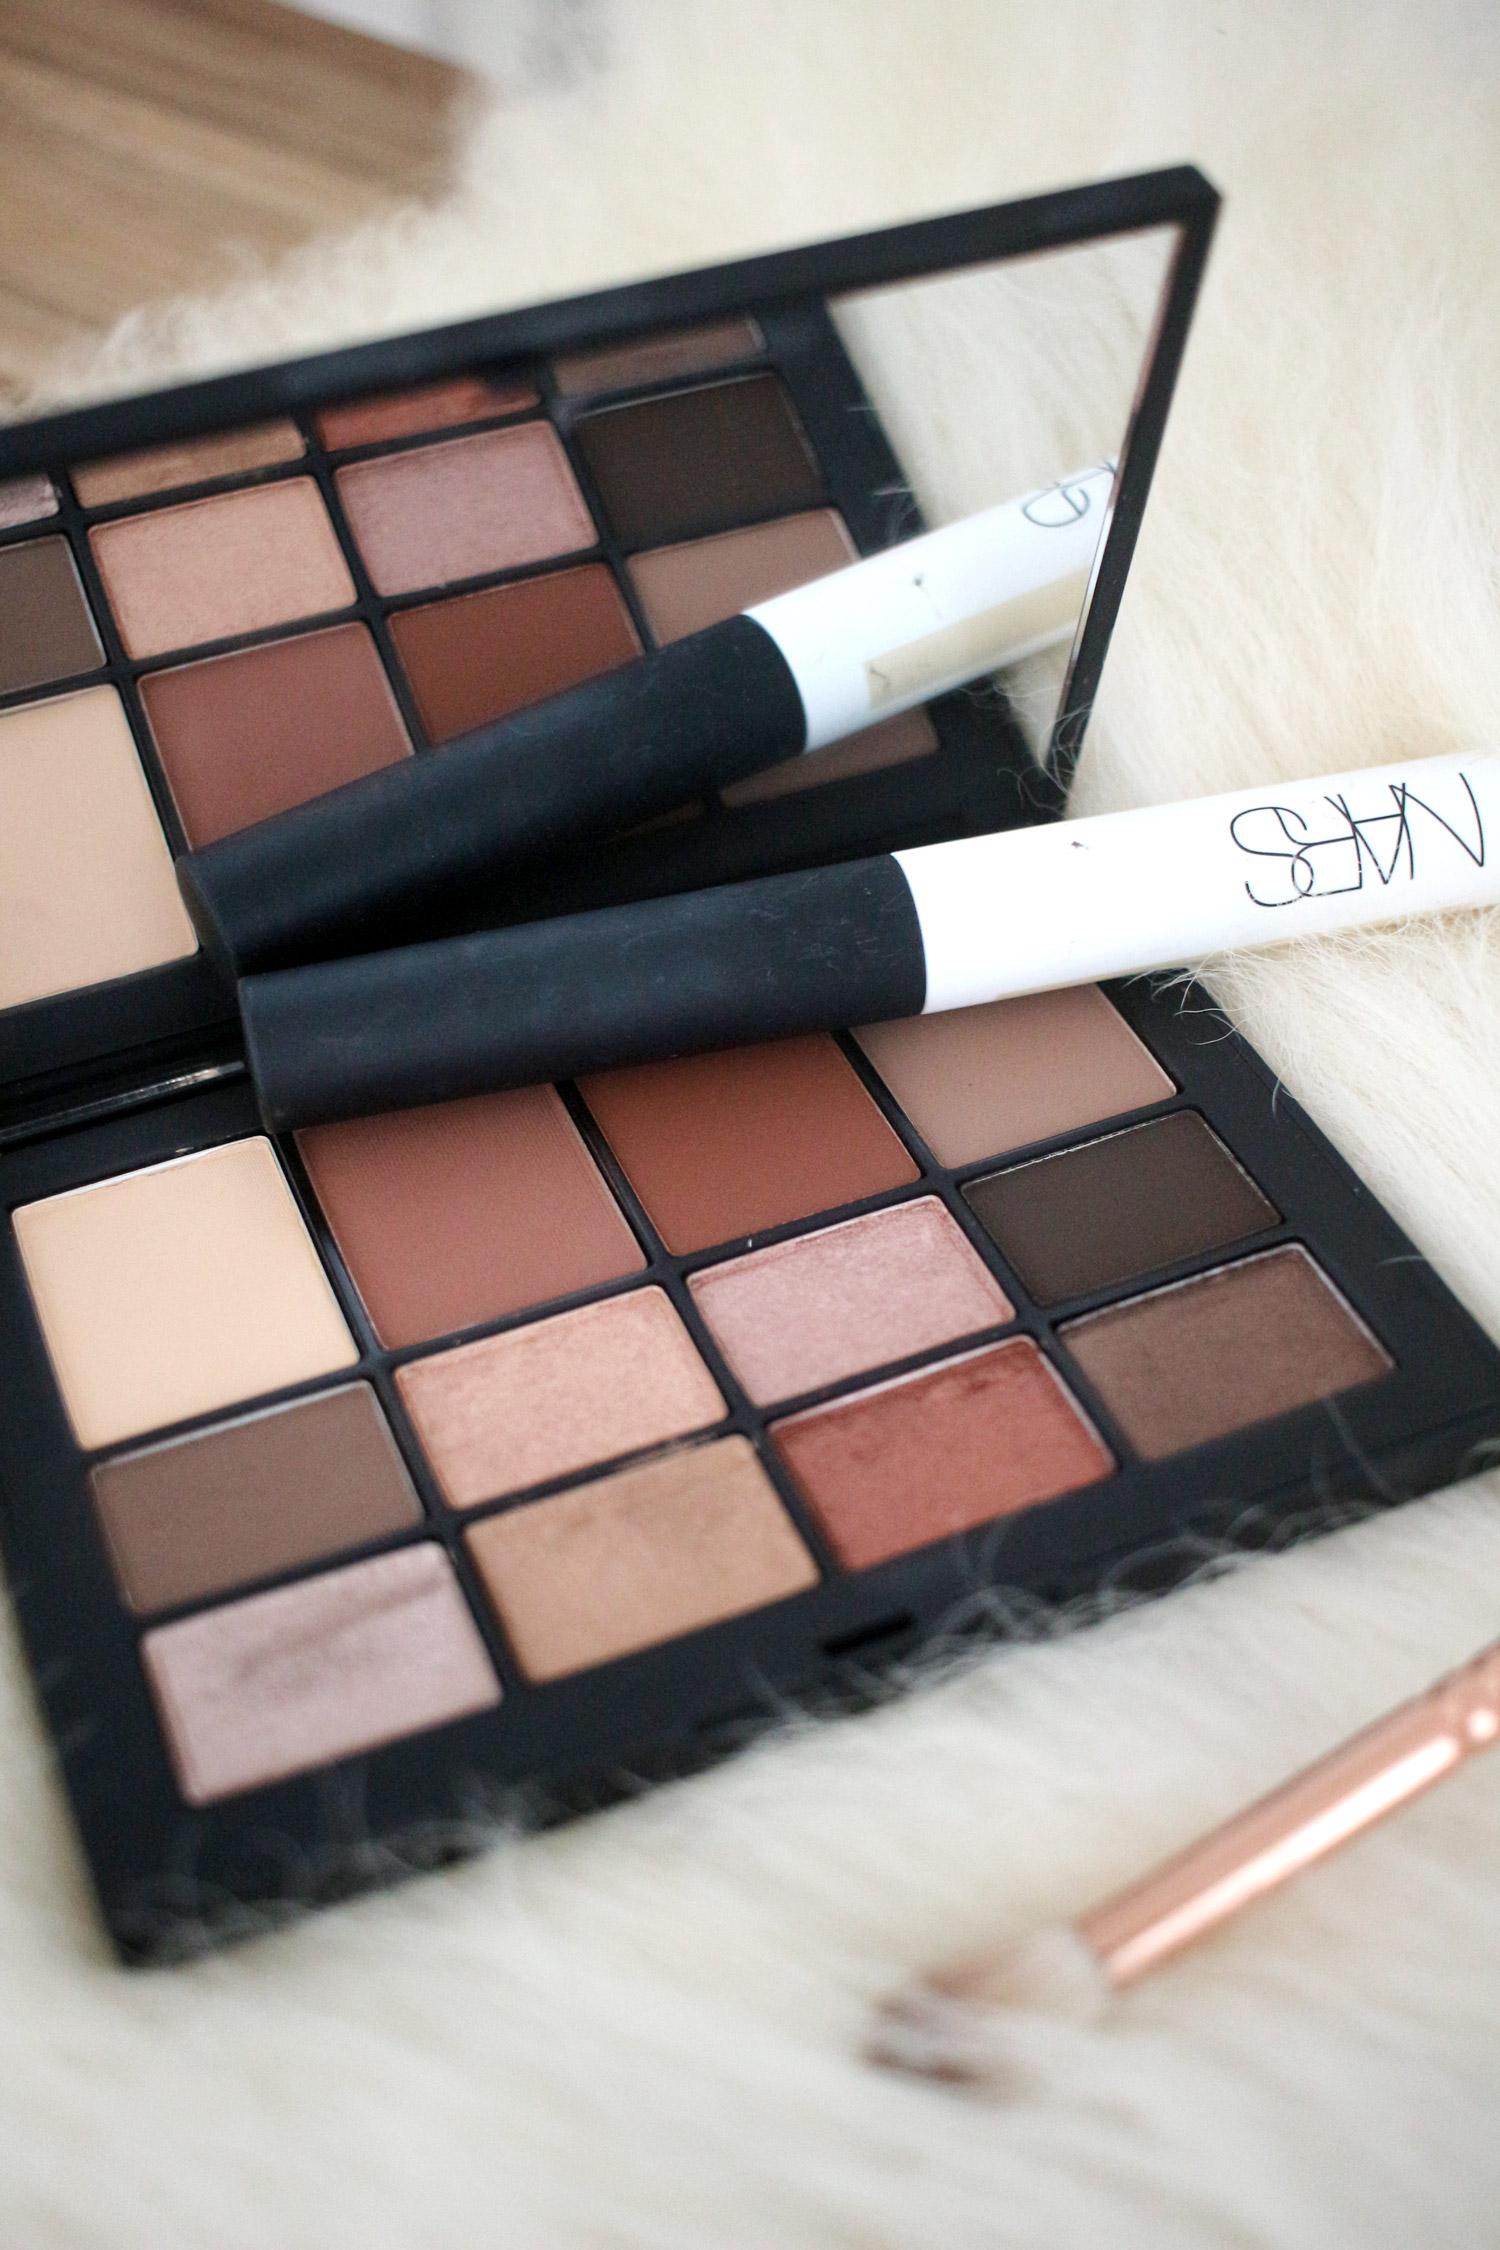 nars-skin-deep-eyeshadow-palette-charlotte-tilbury-concealer-etc-1